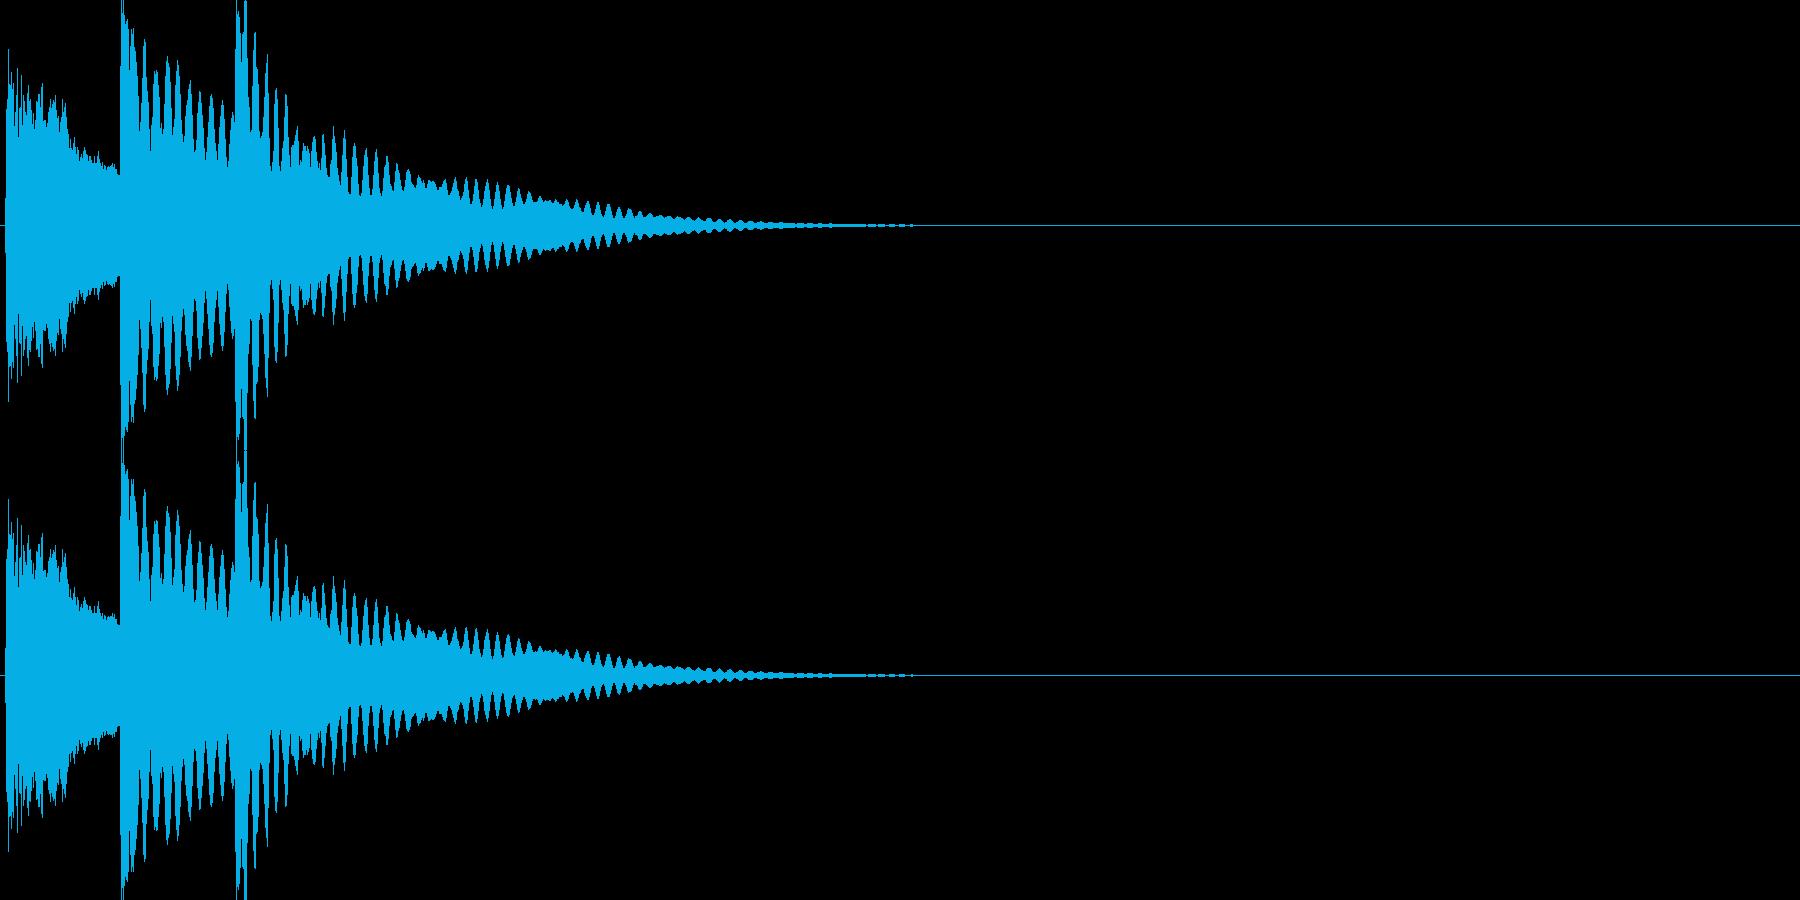 戻る・キャンセル音(木琴)の再生済みの波形